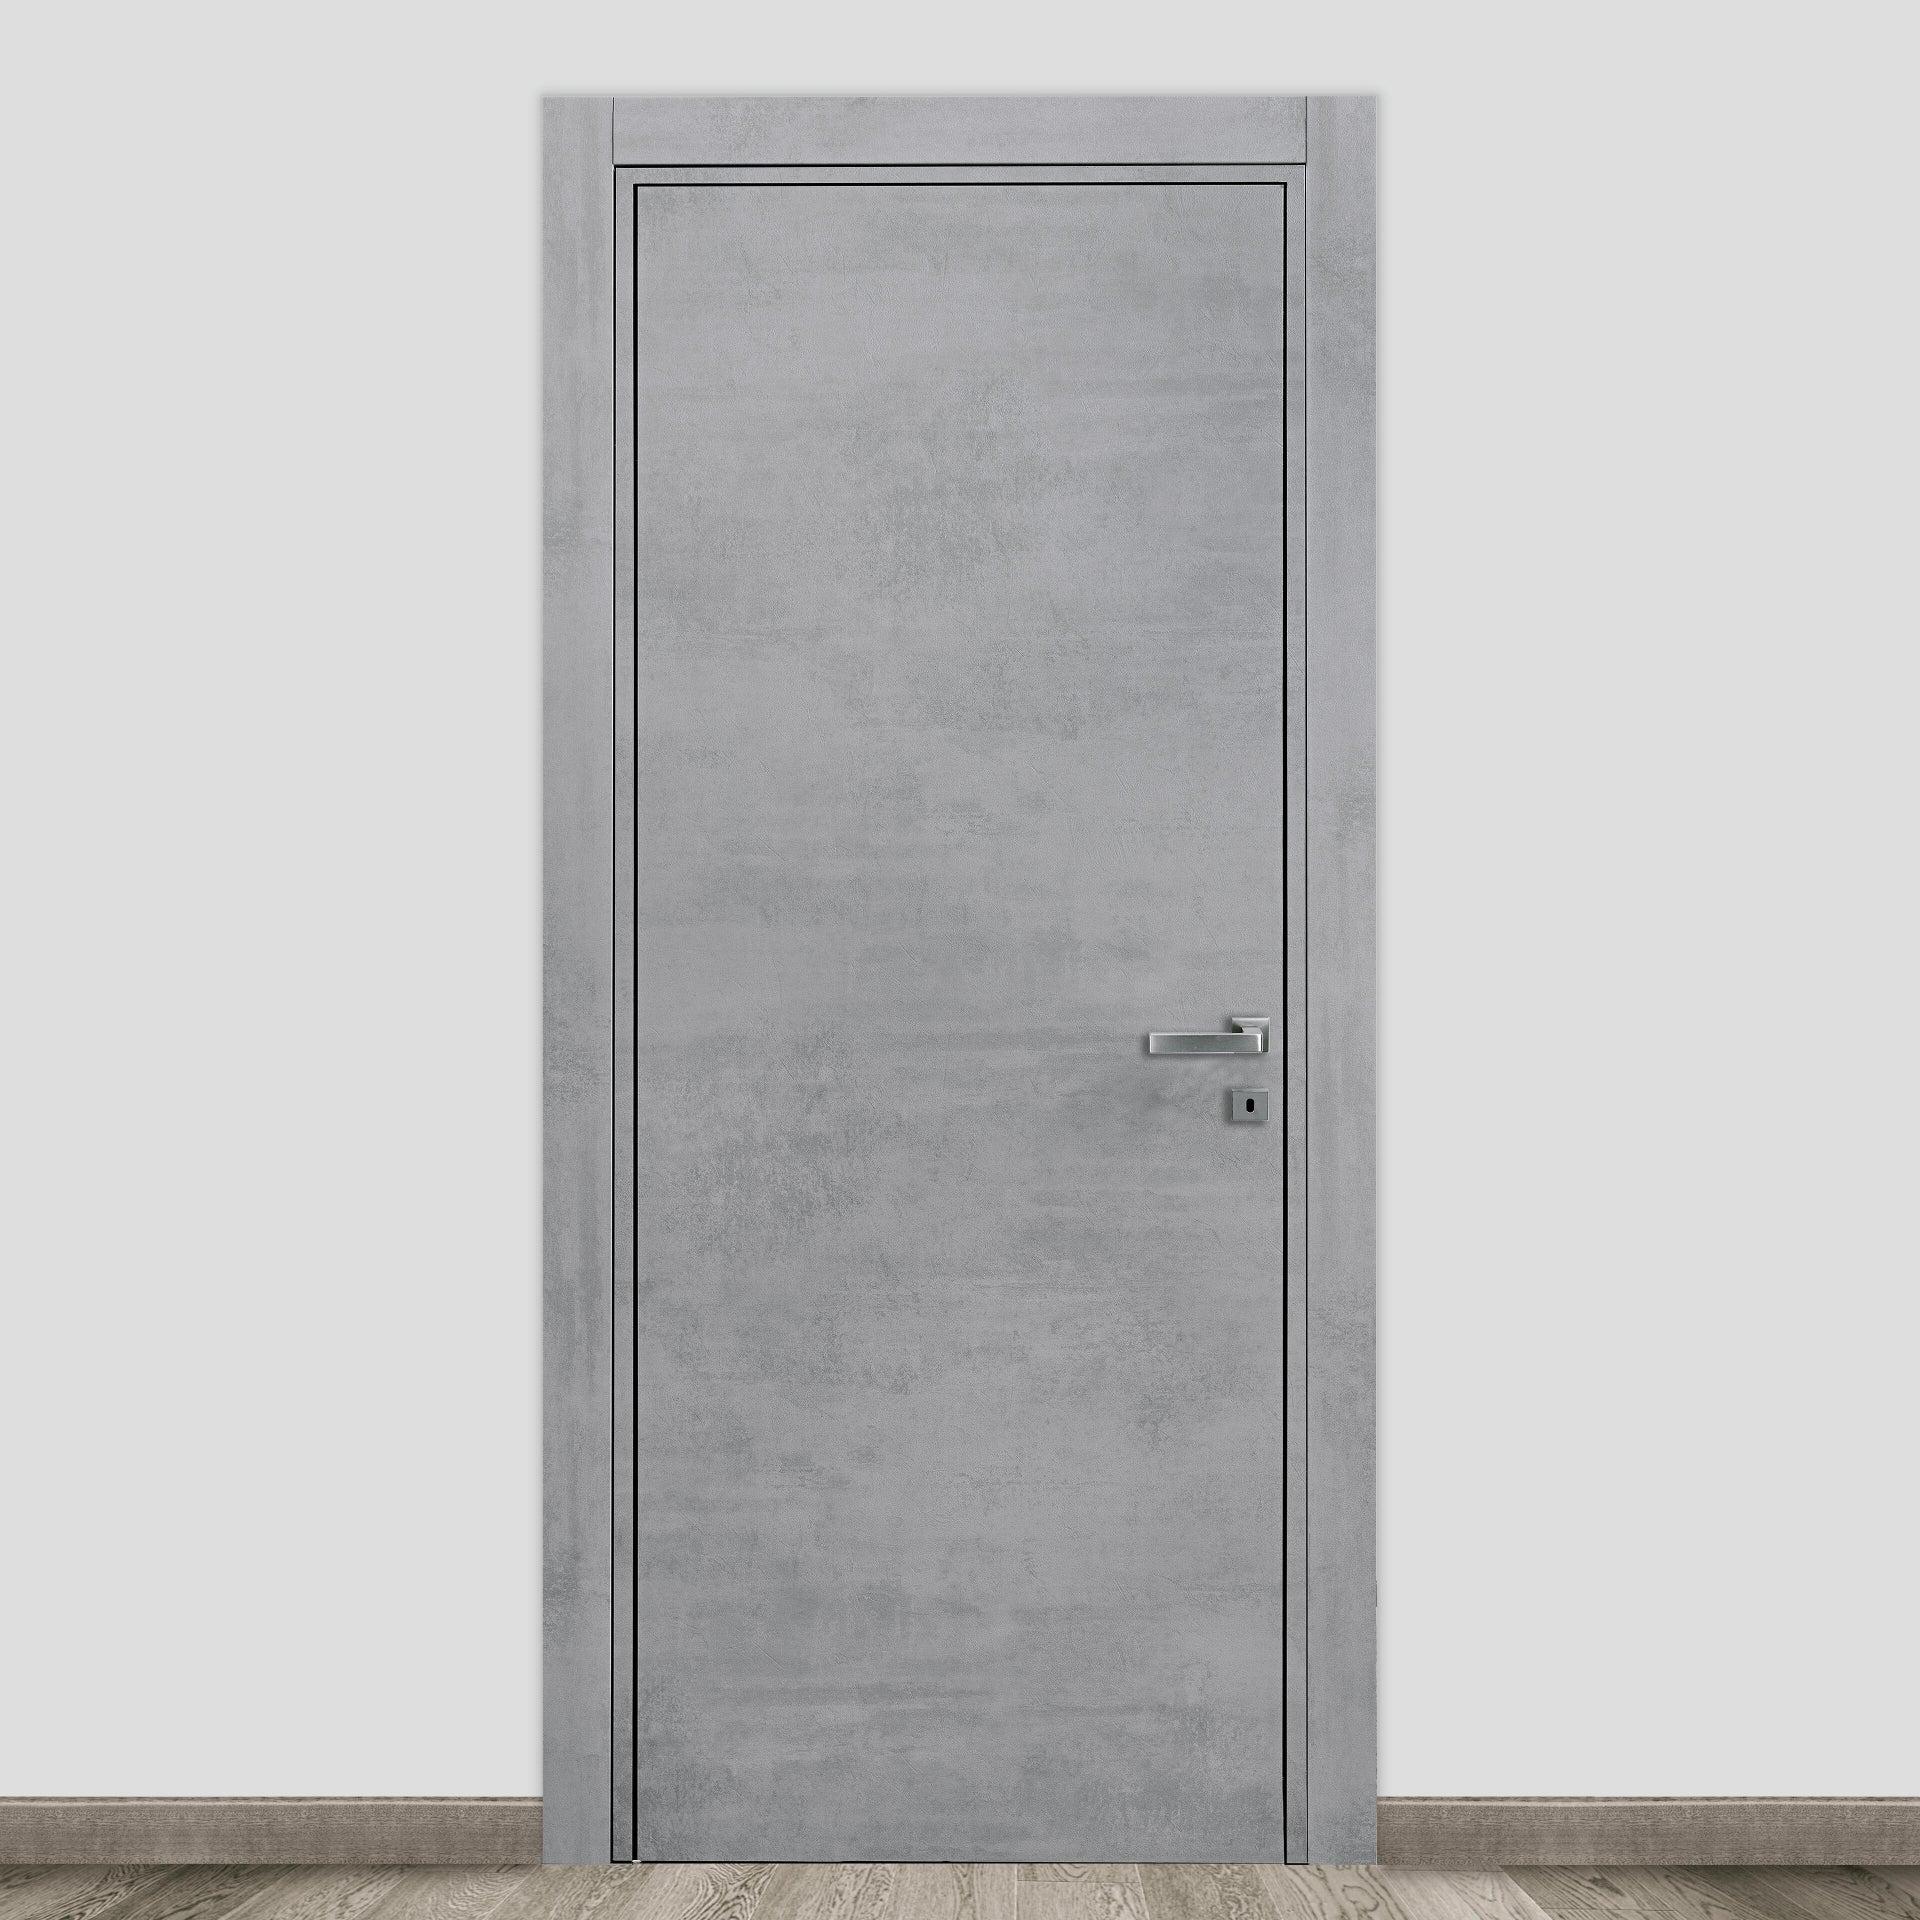 Porta a battente Naos cemento L 70 x H 210 cm reversibile - 1